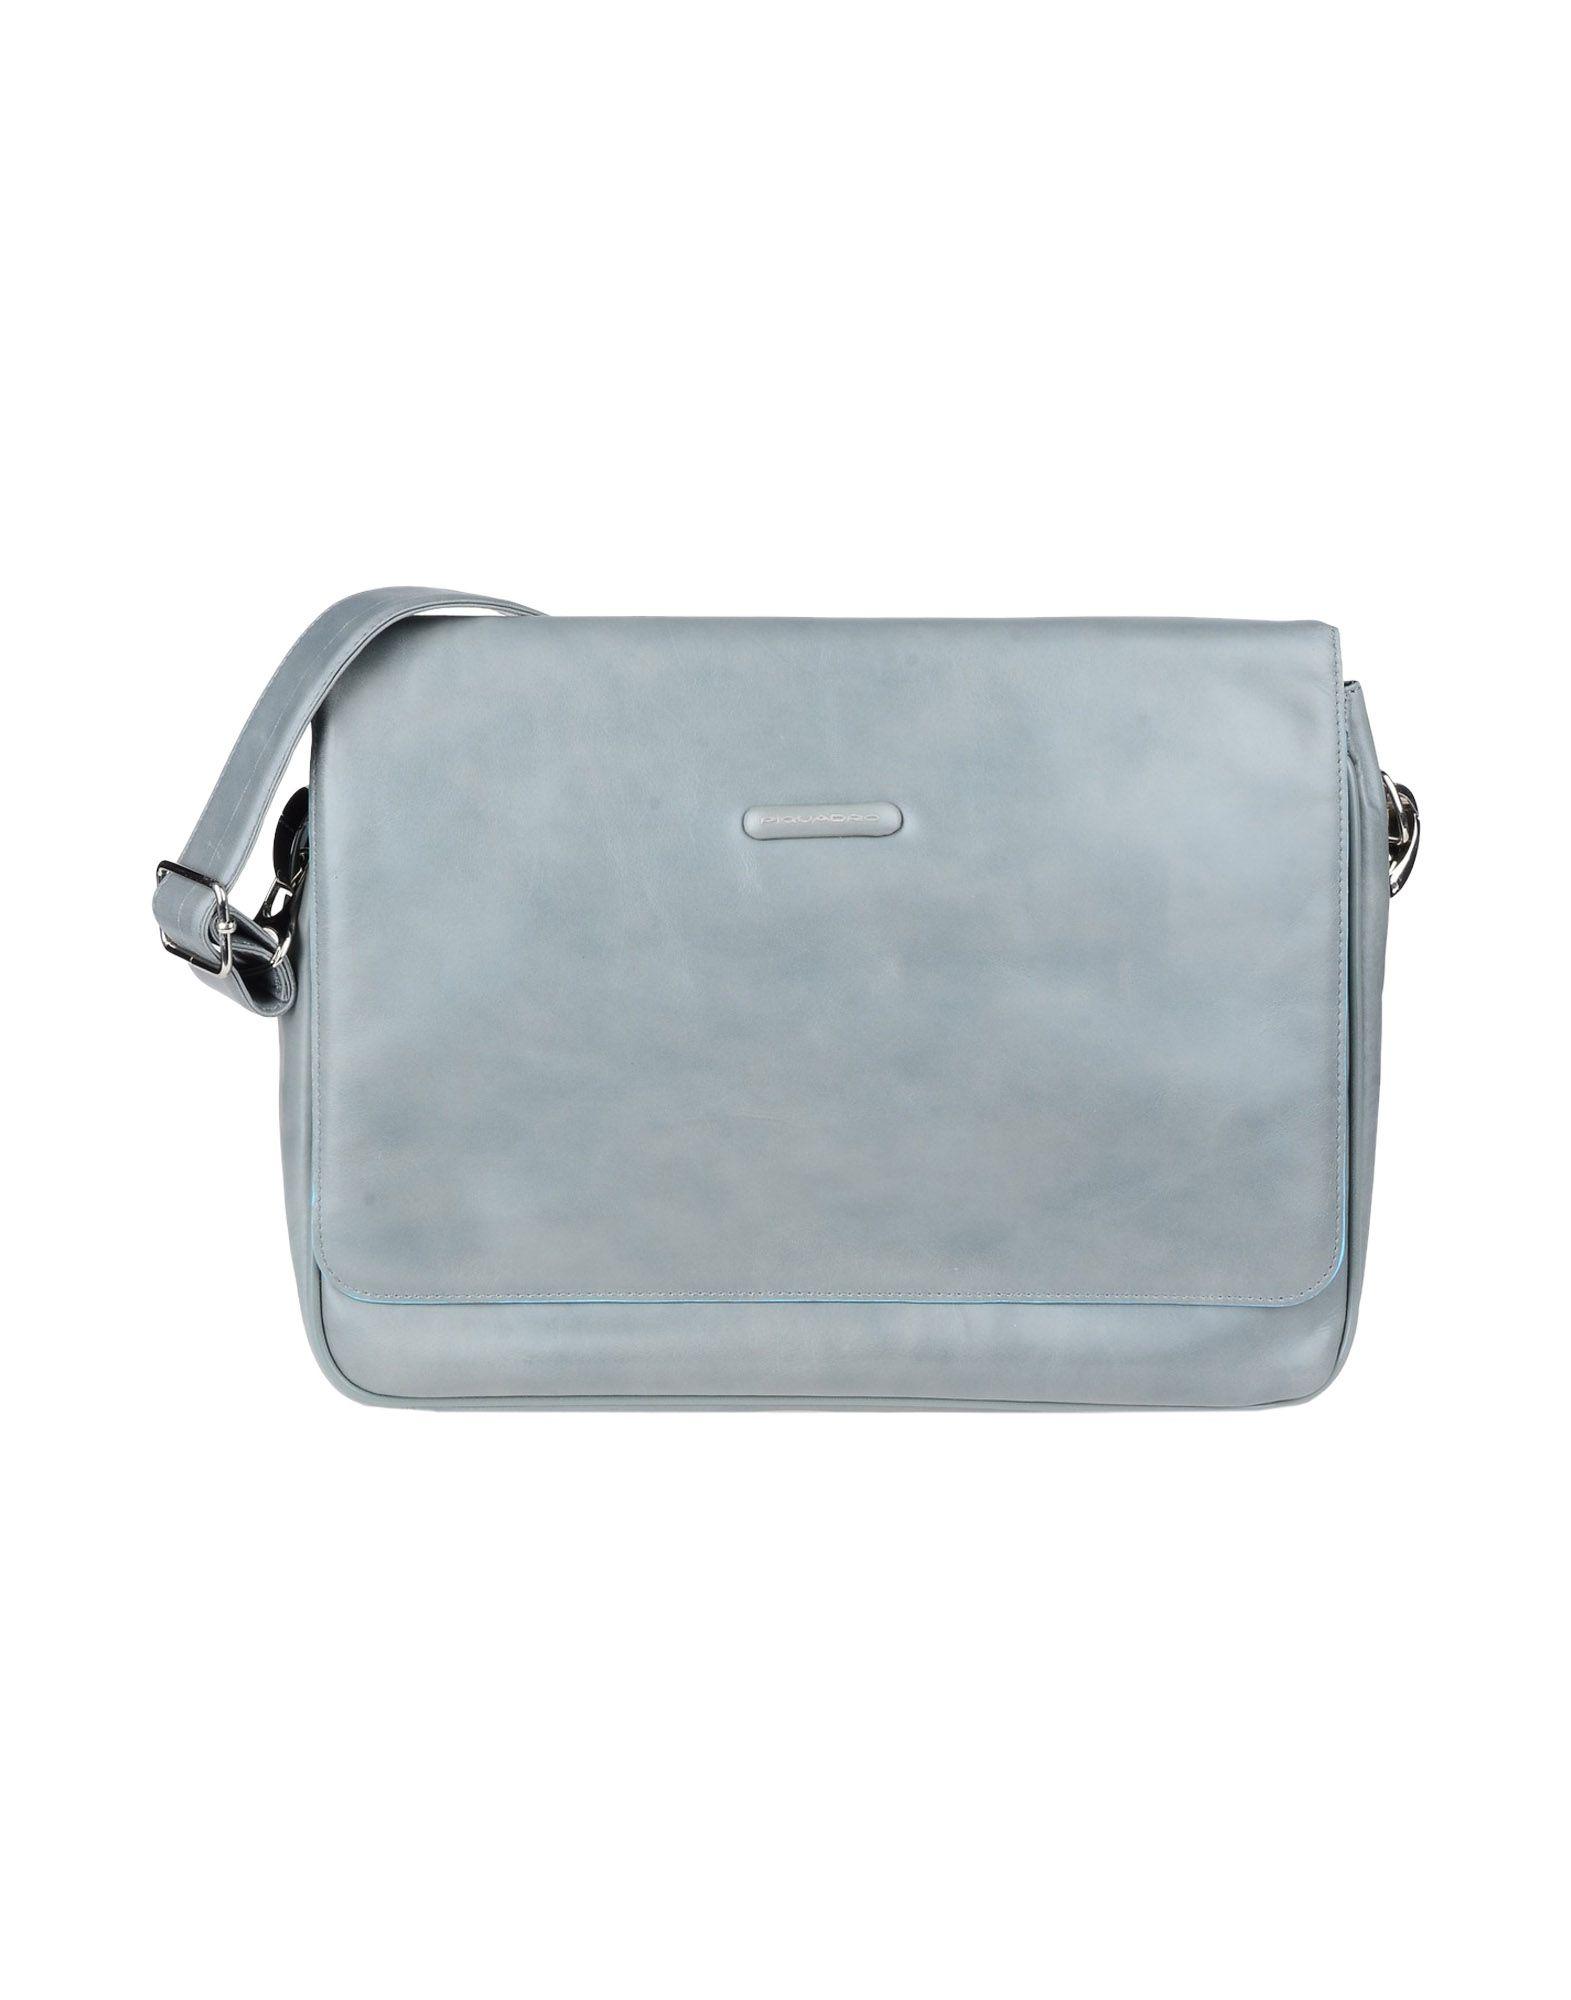 PIQUADRO Деловые сумки goldlion goldlion портфель моды случайные сумки вертикальный раздел мужской бизнес пакет mb6453122 20338 хаки